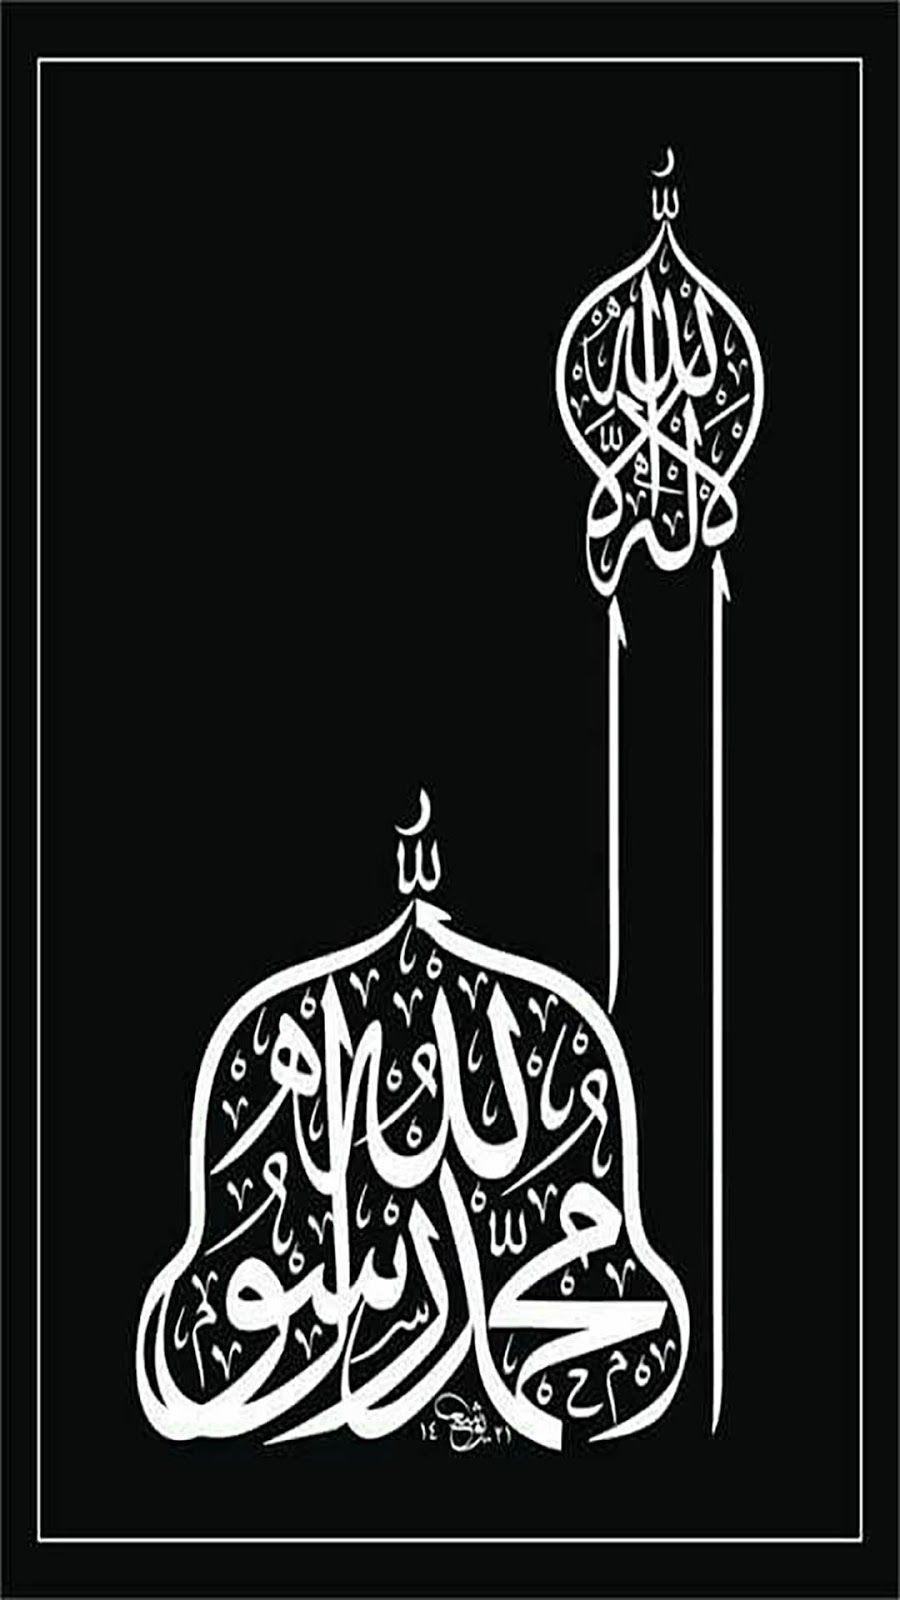 Kaligrafi Lukisan kaca, Seni kaligrafi arab, Seni kaligrafi